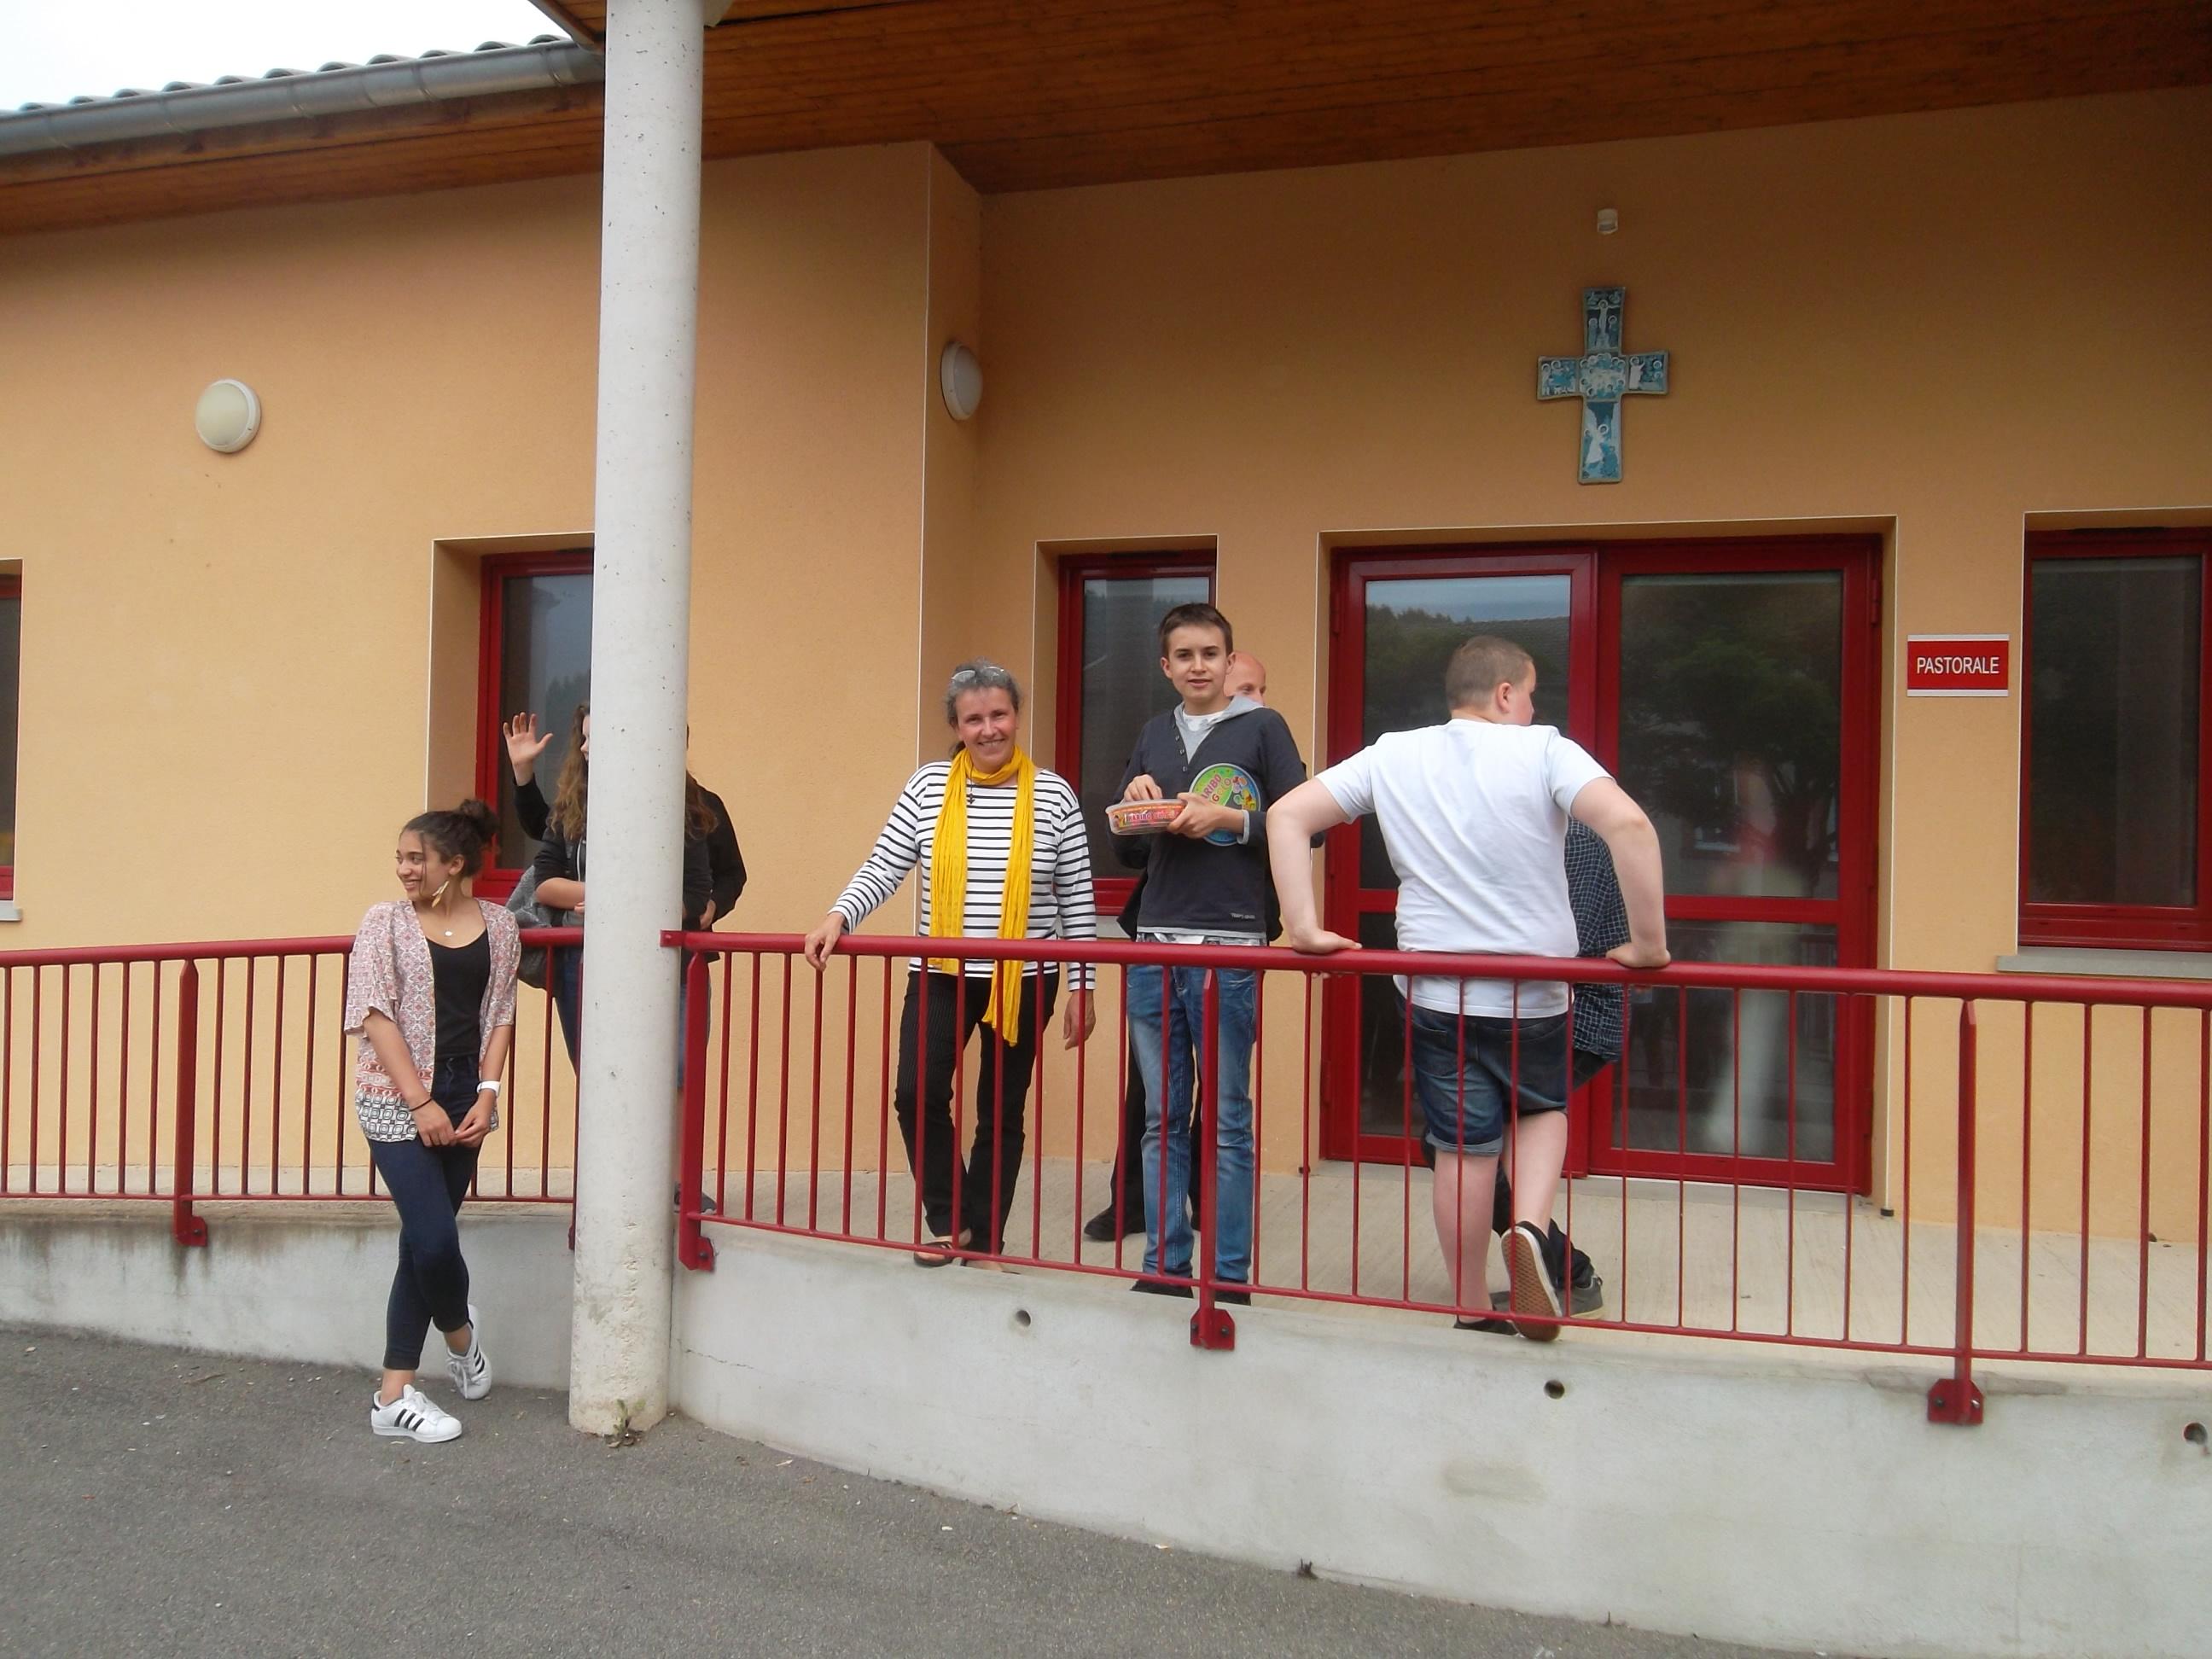 préparation_confirmation_salle_de_la_pastorale